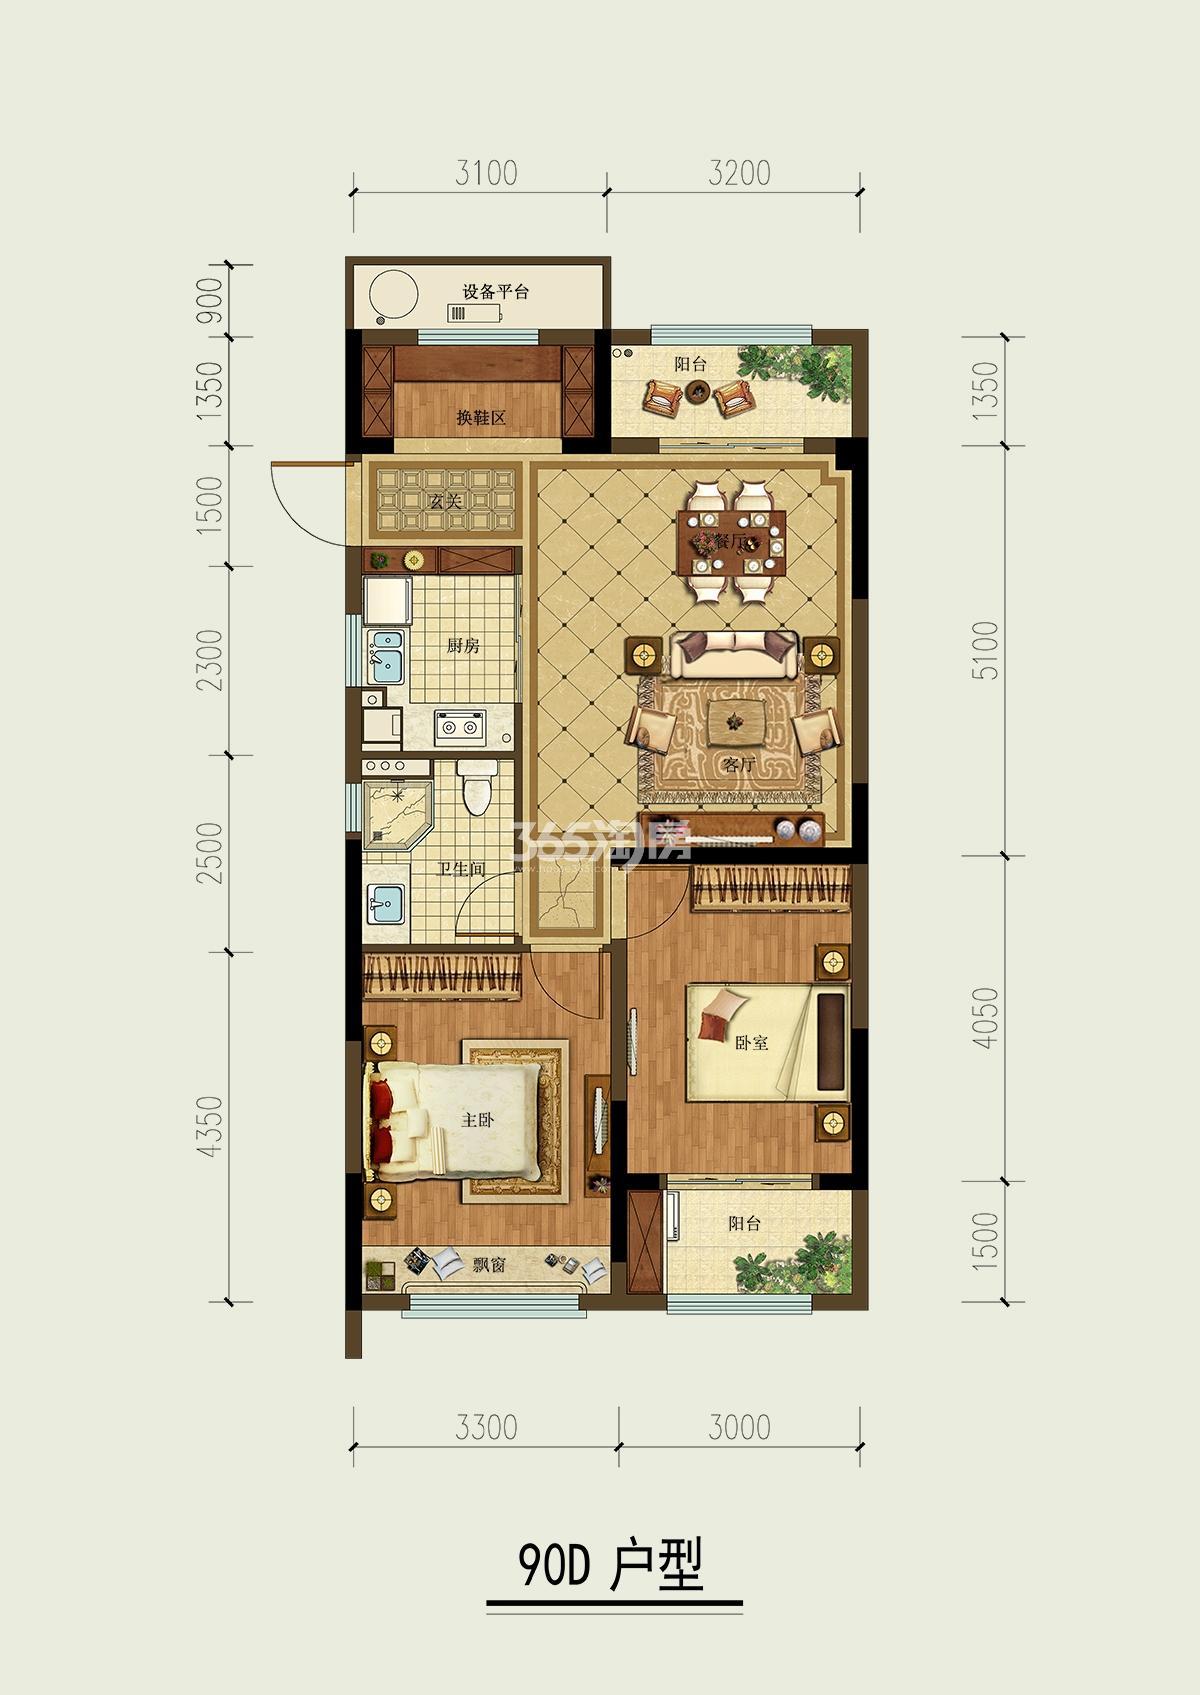 天都城滨沁公寓5、7、9、11、12号楼D户型90方